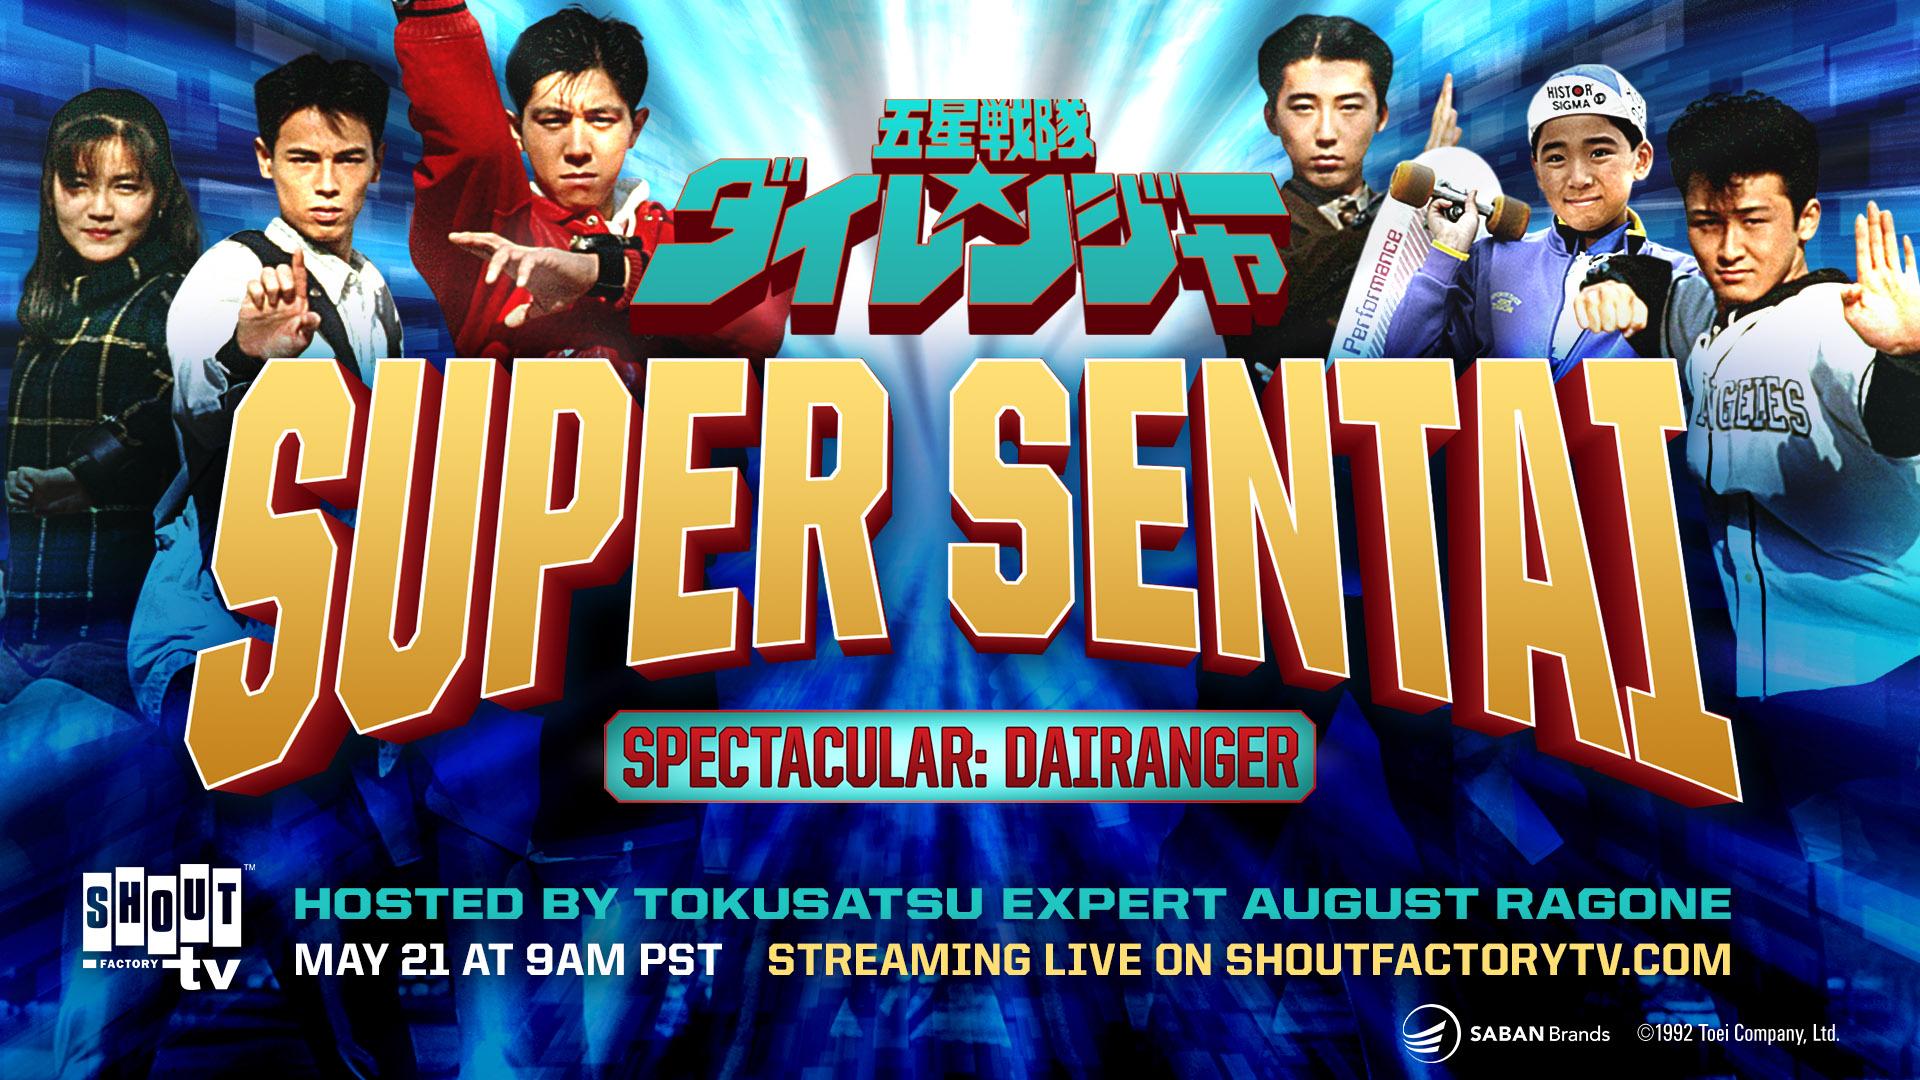 Shout! Factory TV Dairanger Marathon Schedule